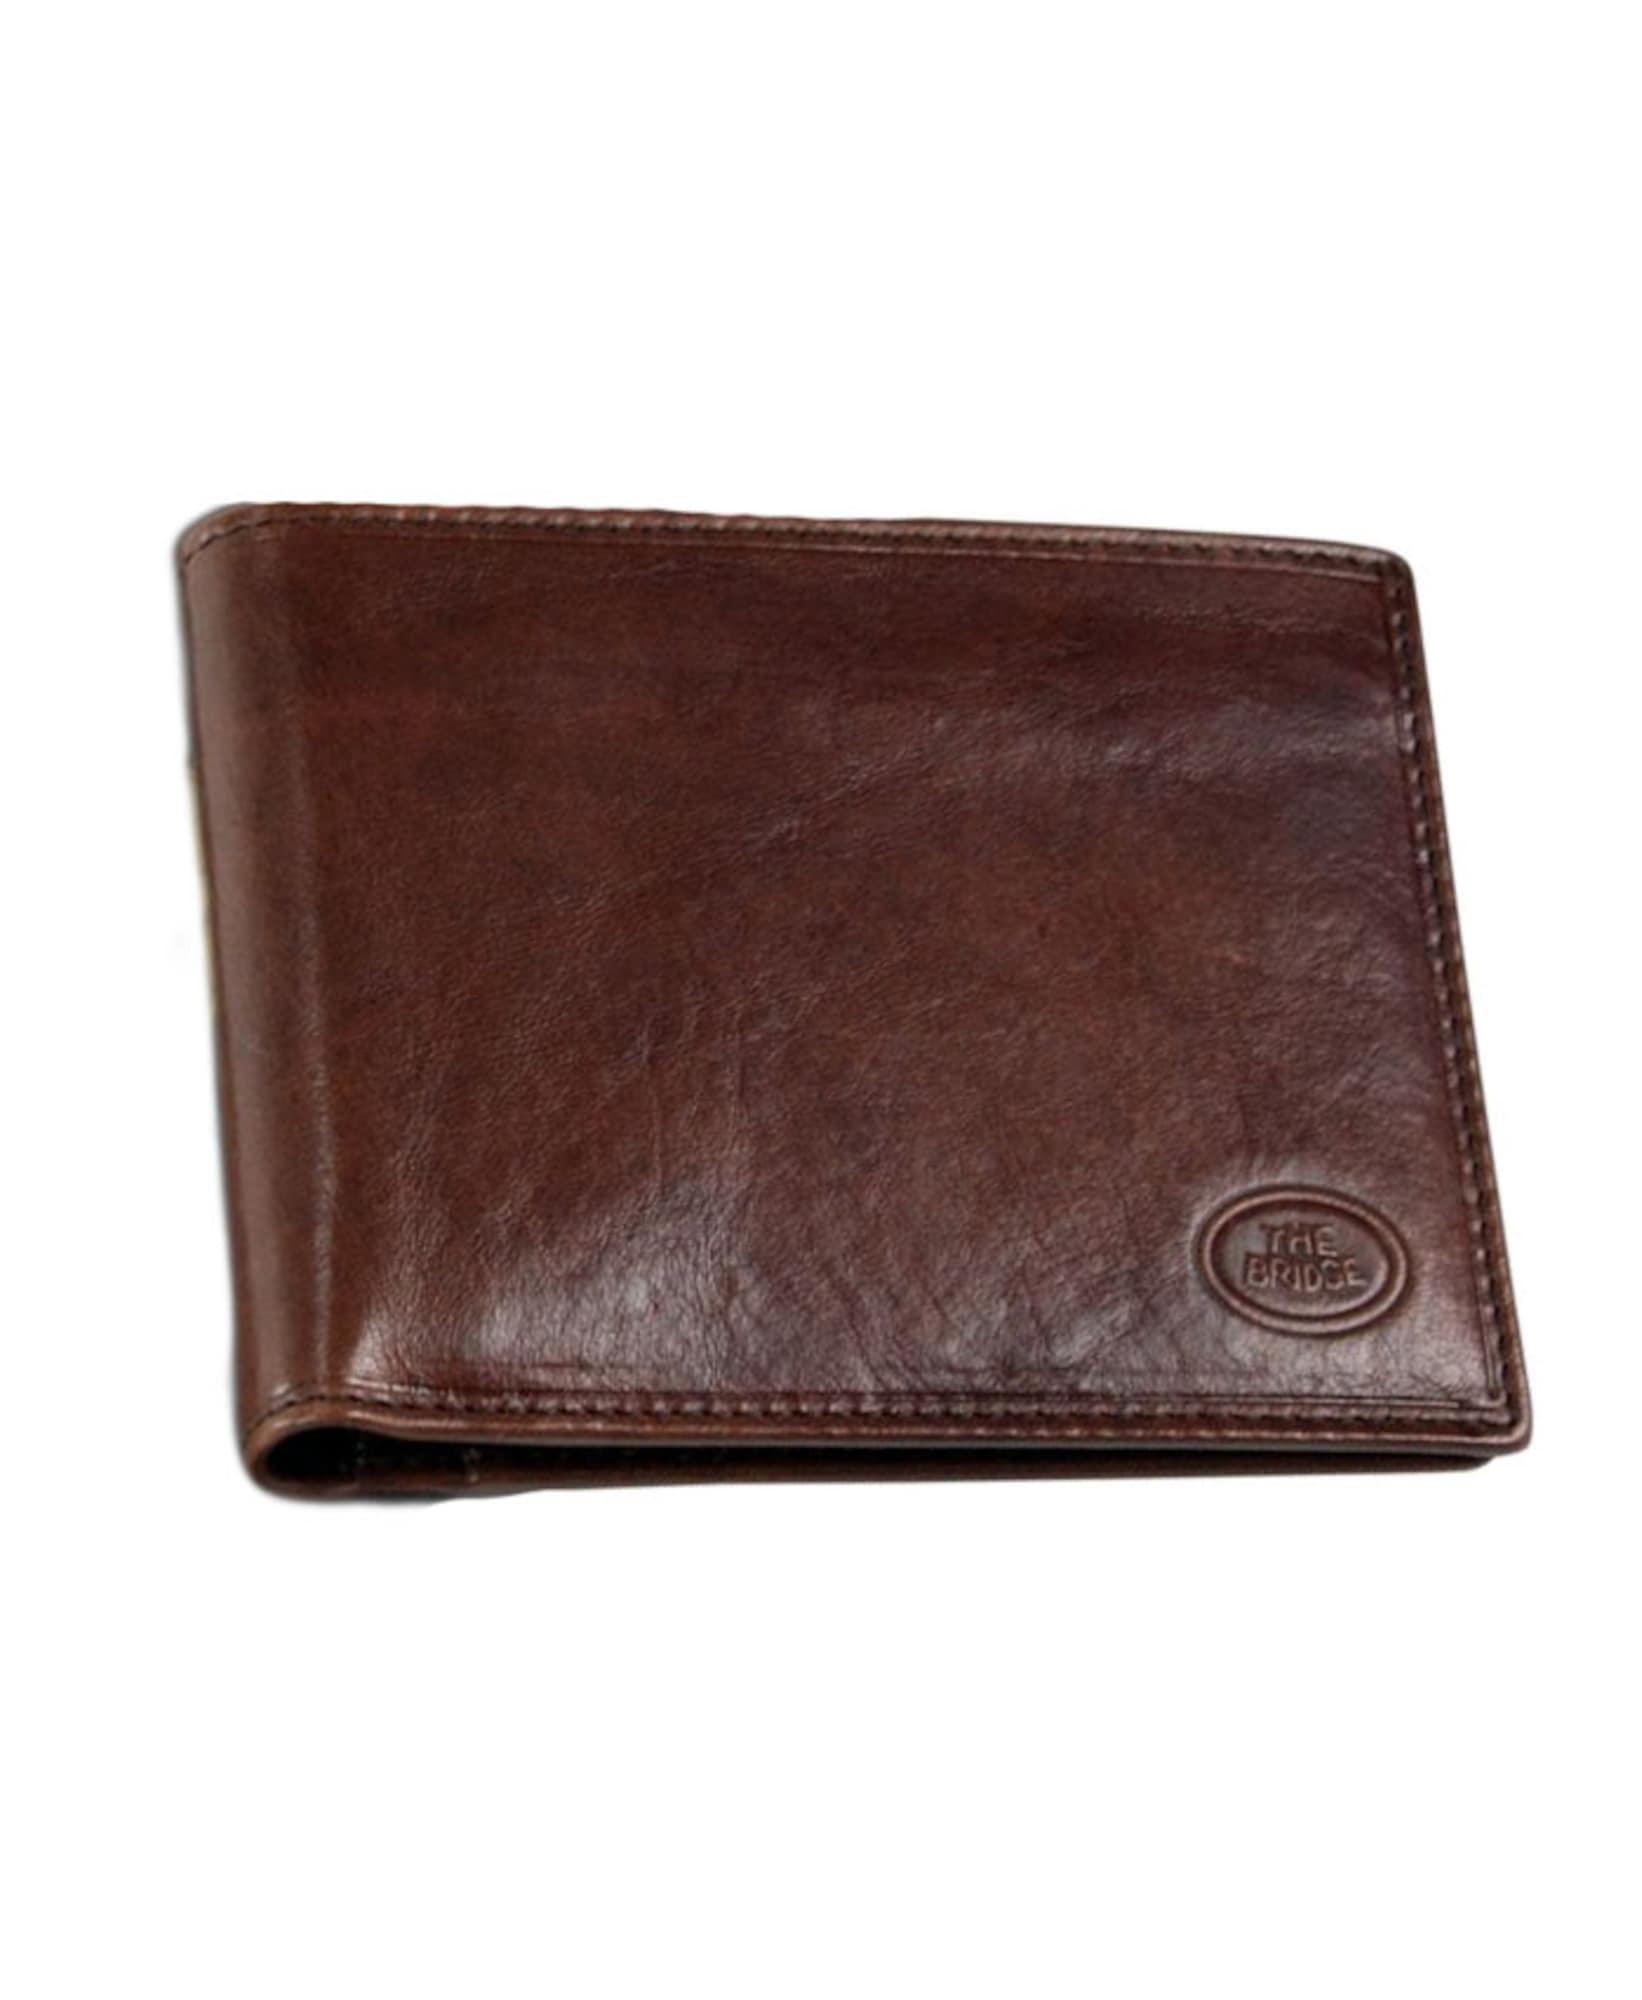 Uomo Brieftasche | Accessoires > Portemonnaies > Brieftaschen | The Bridge